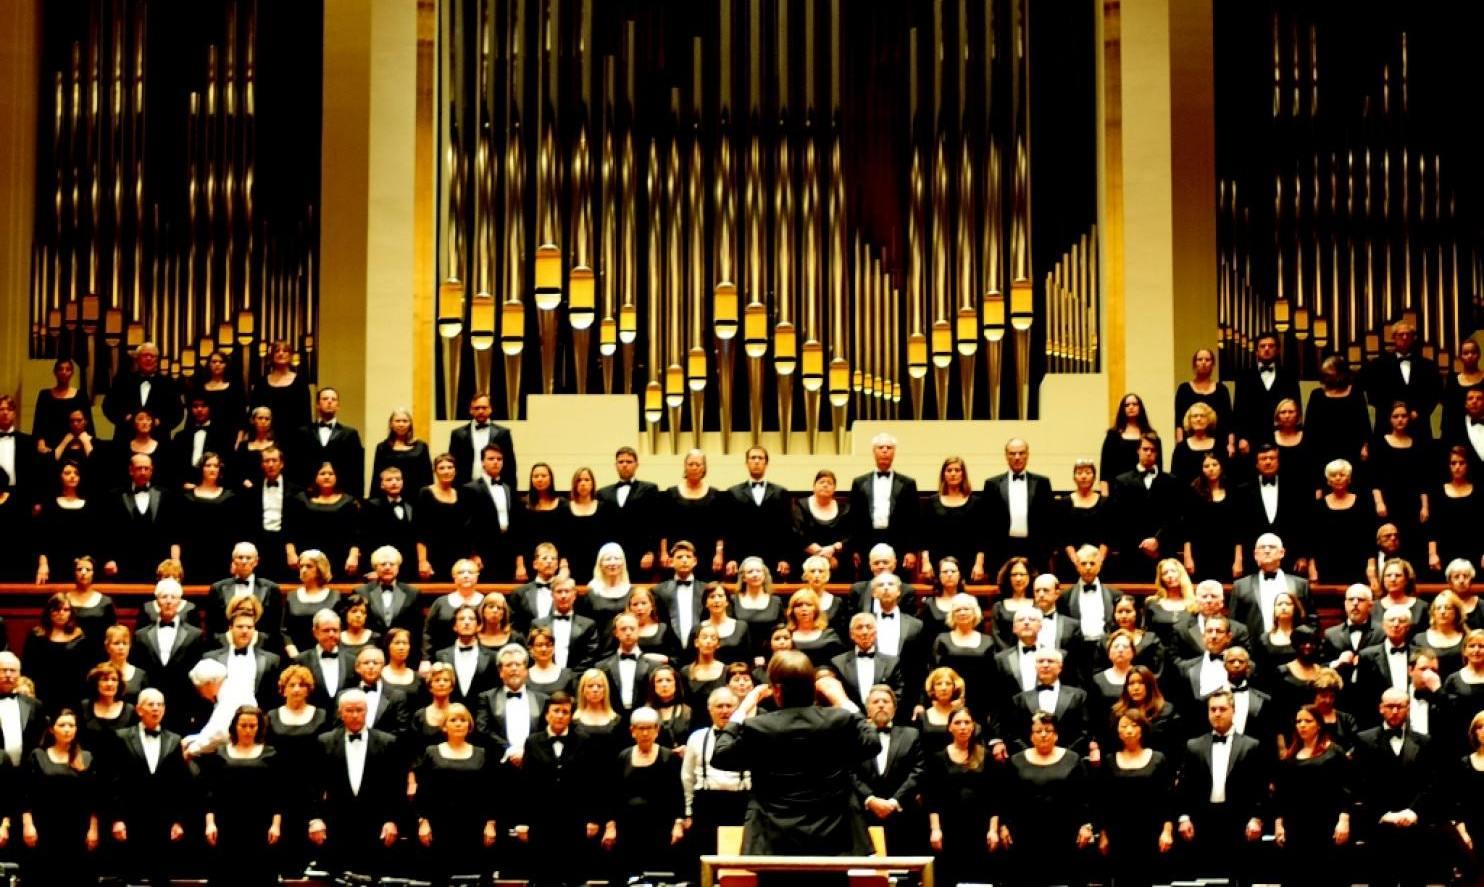 Choral Music | Florent Schmitt